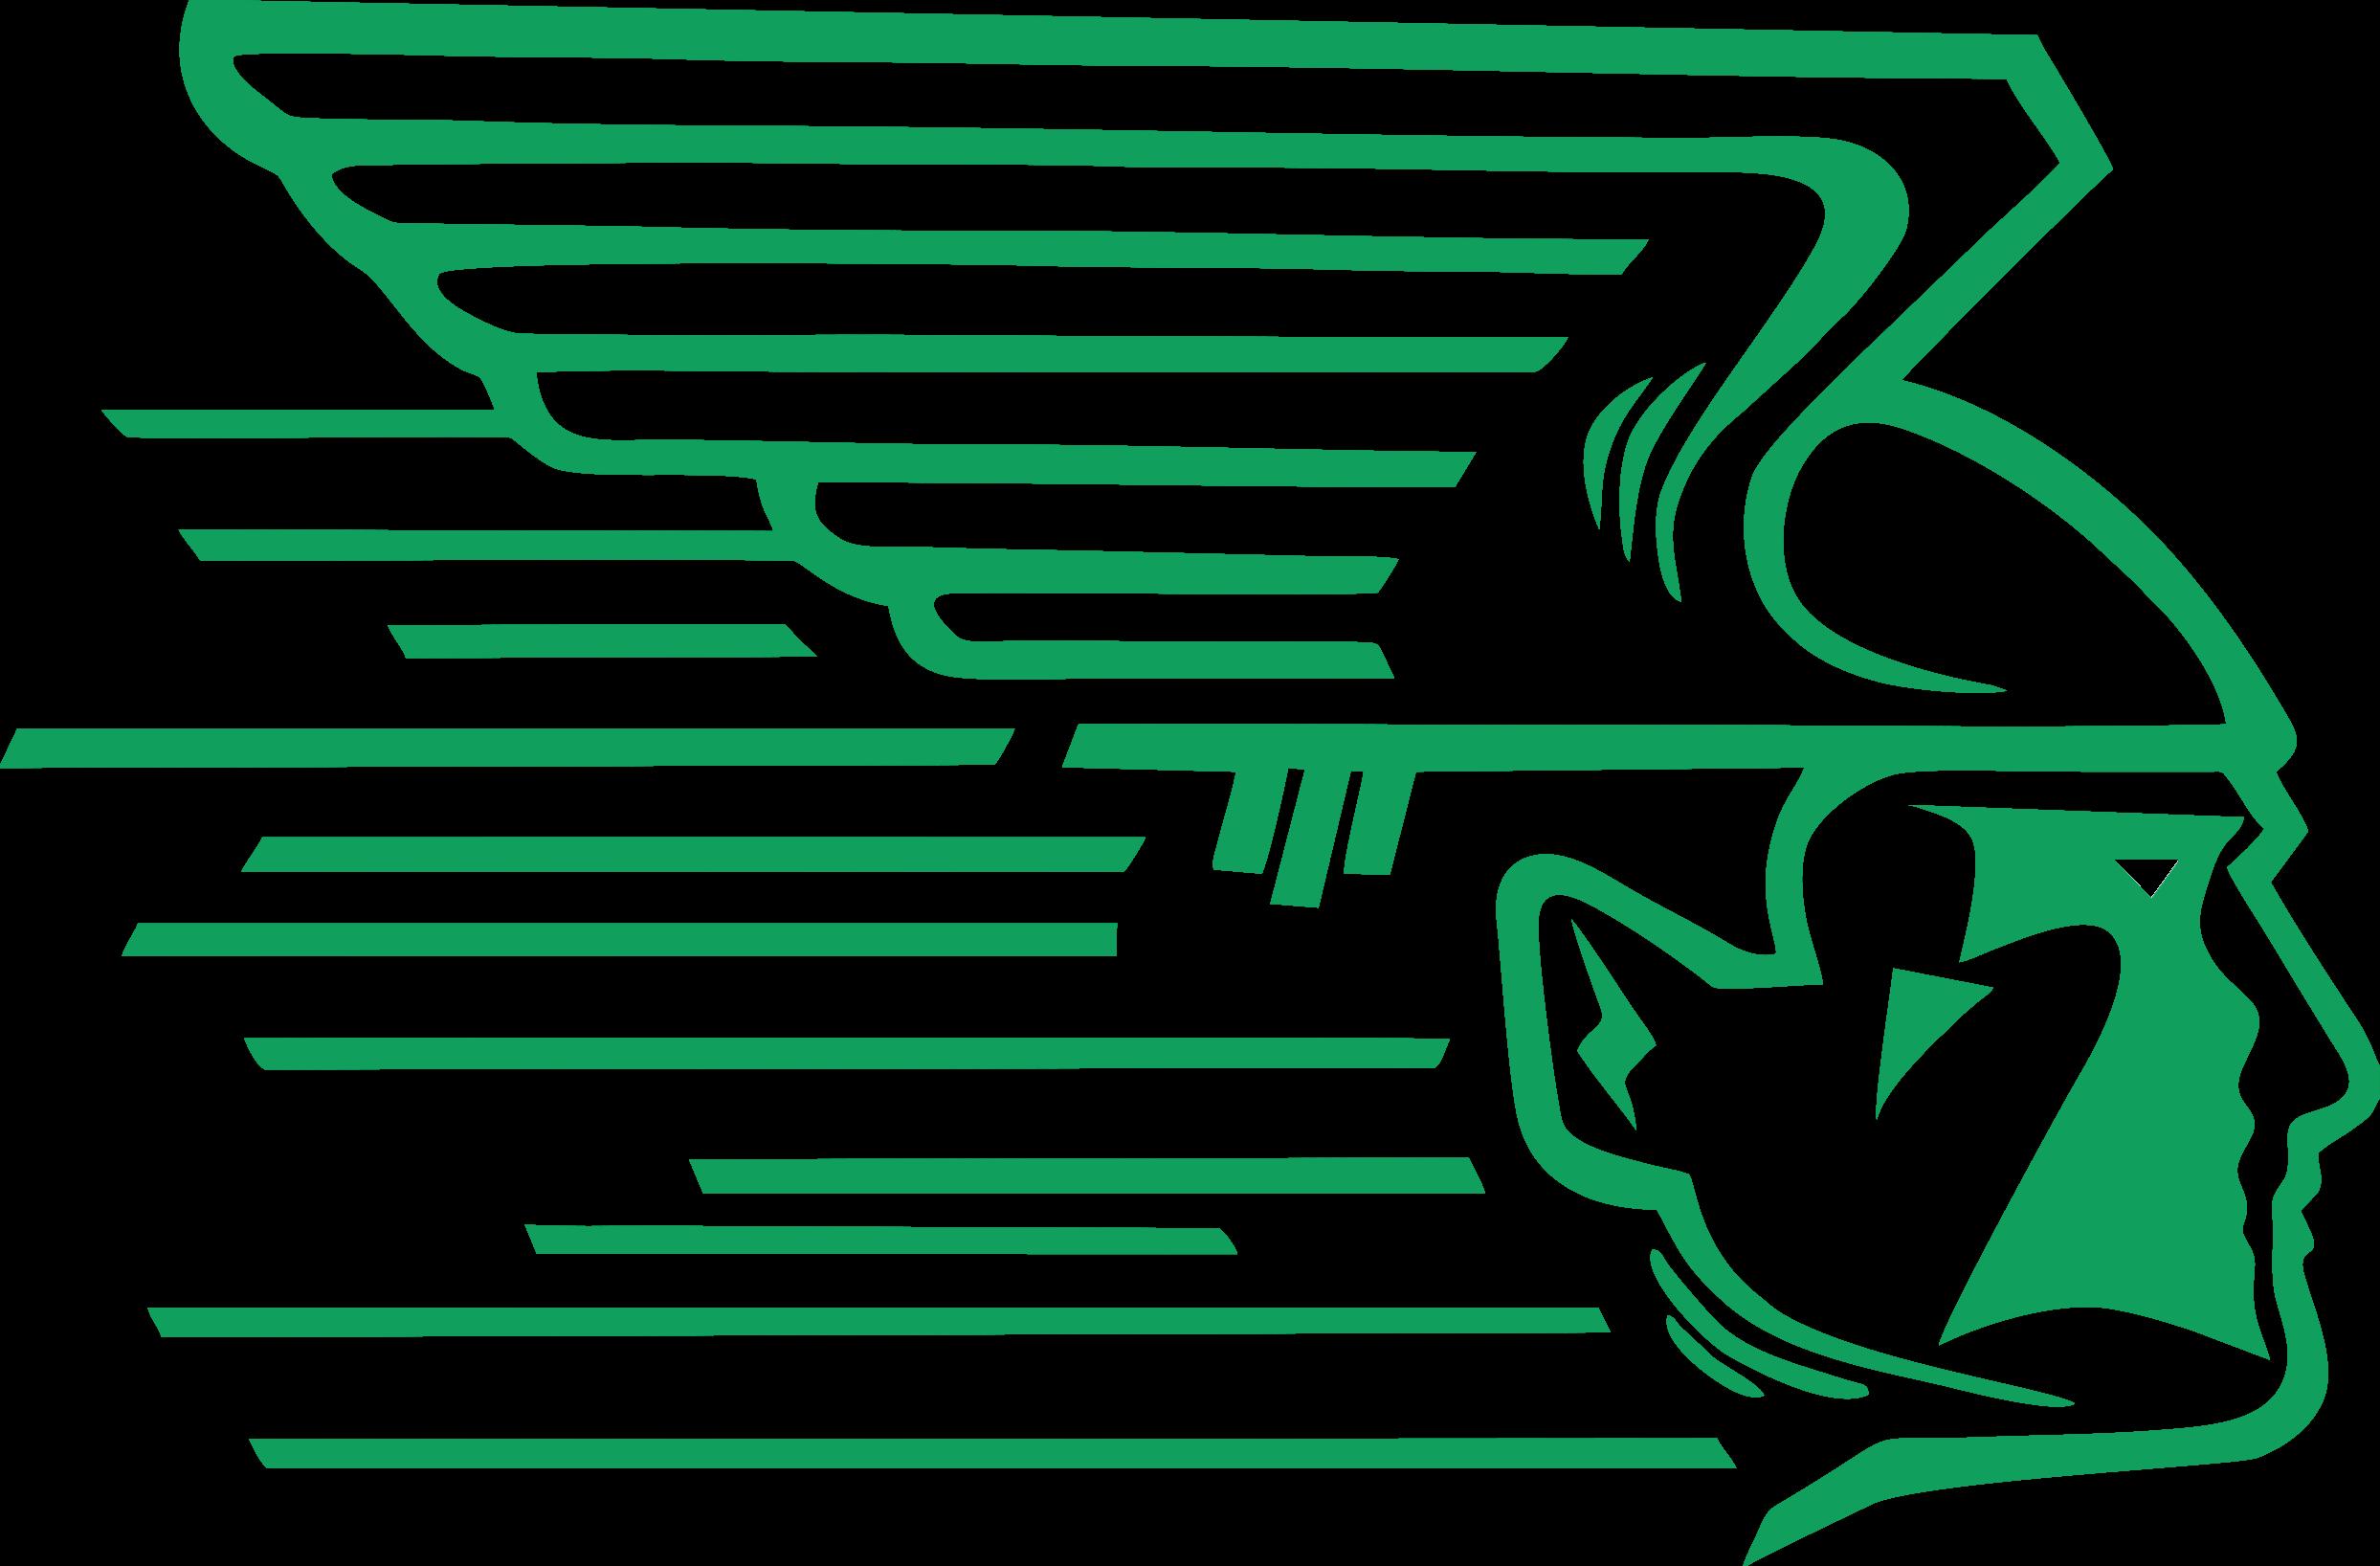 Greenway Logo PNG